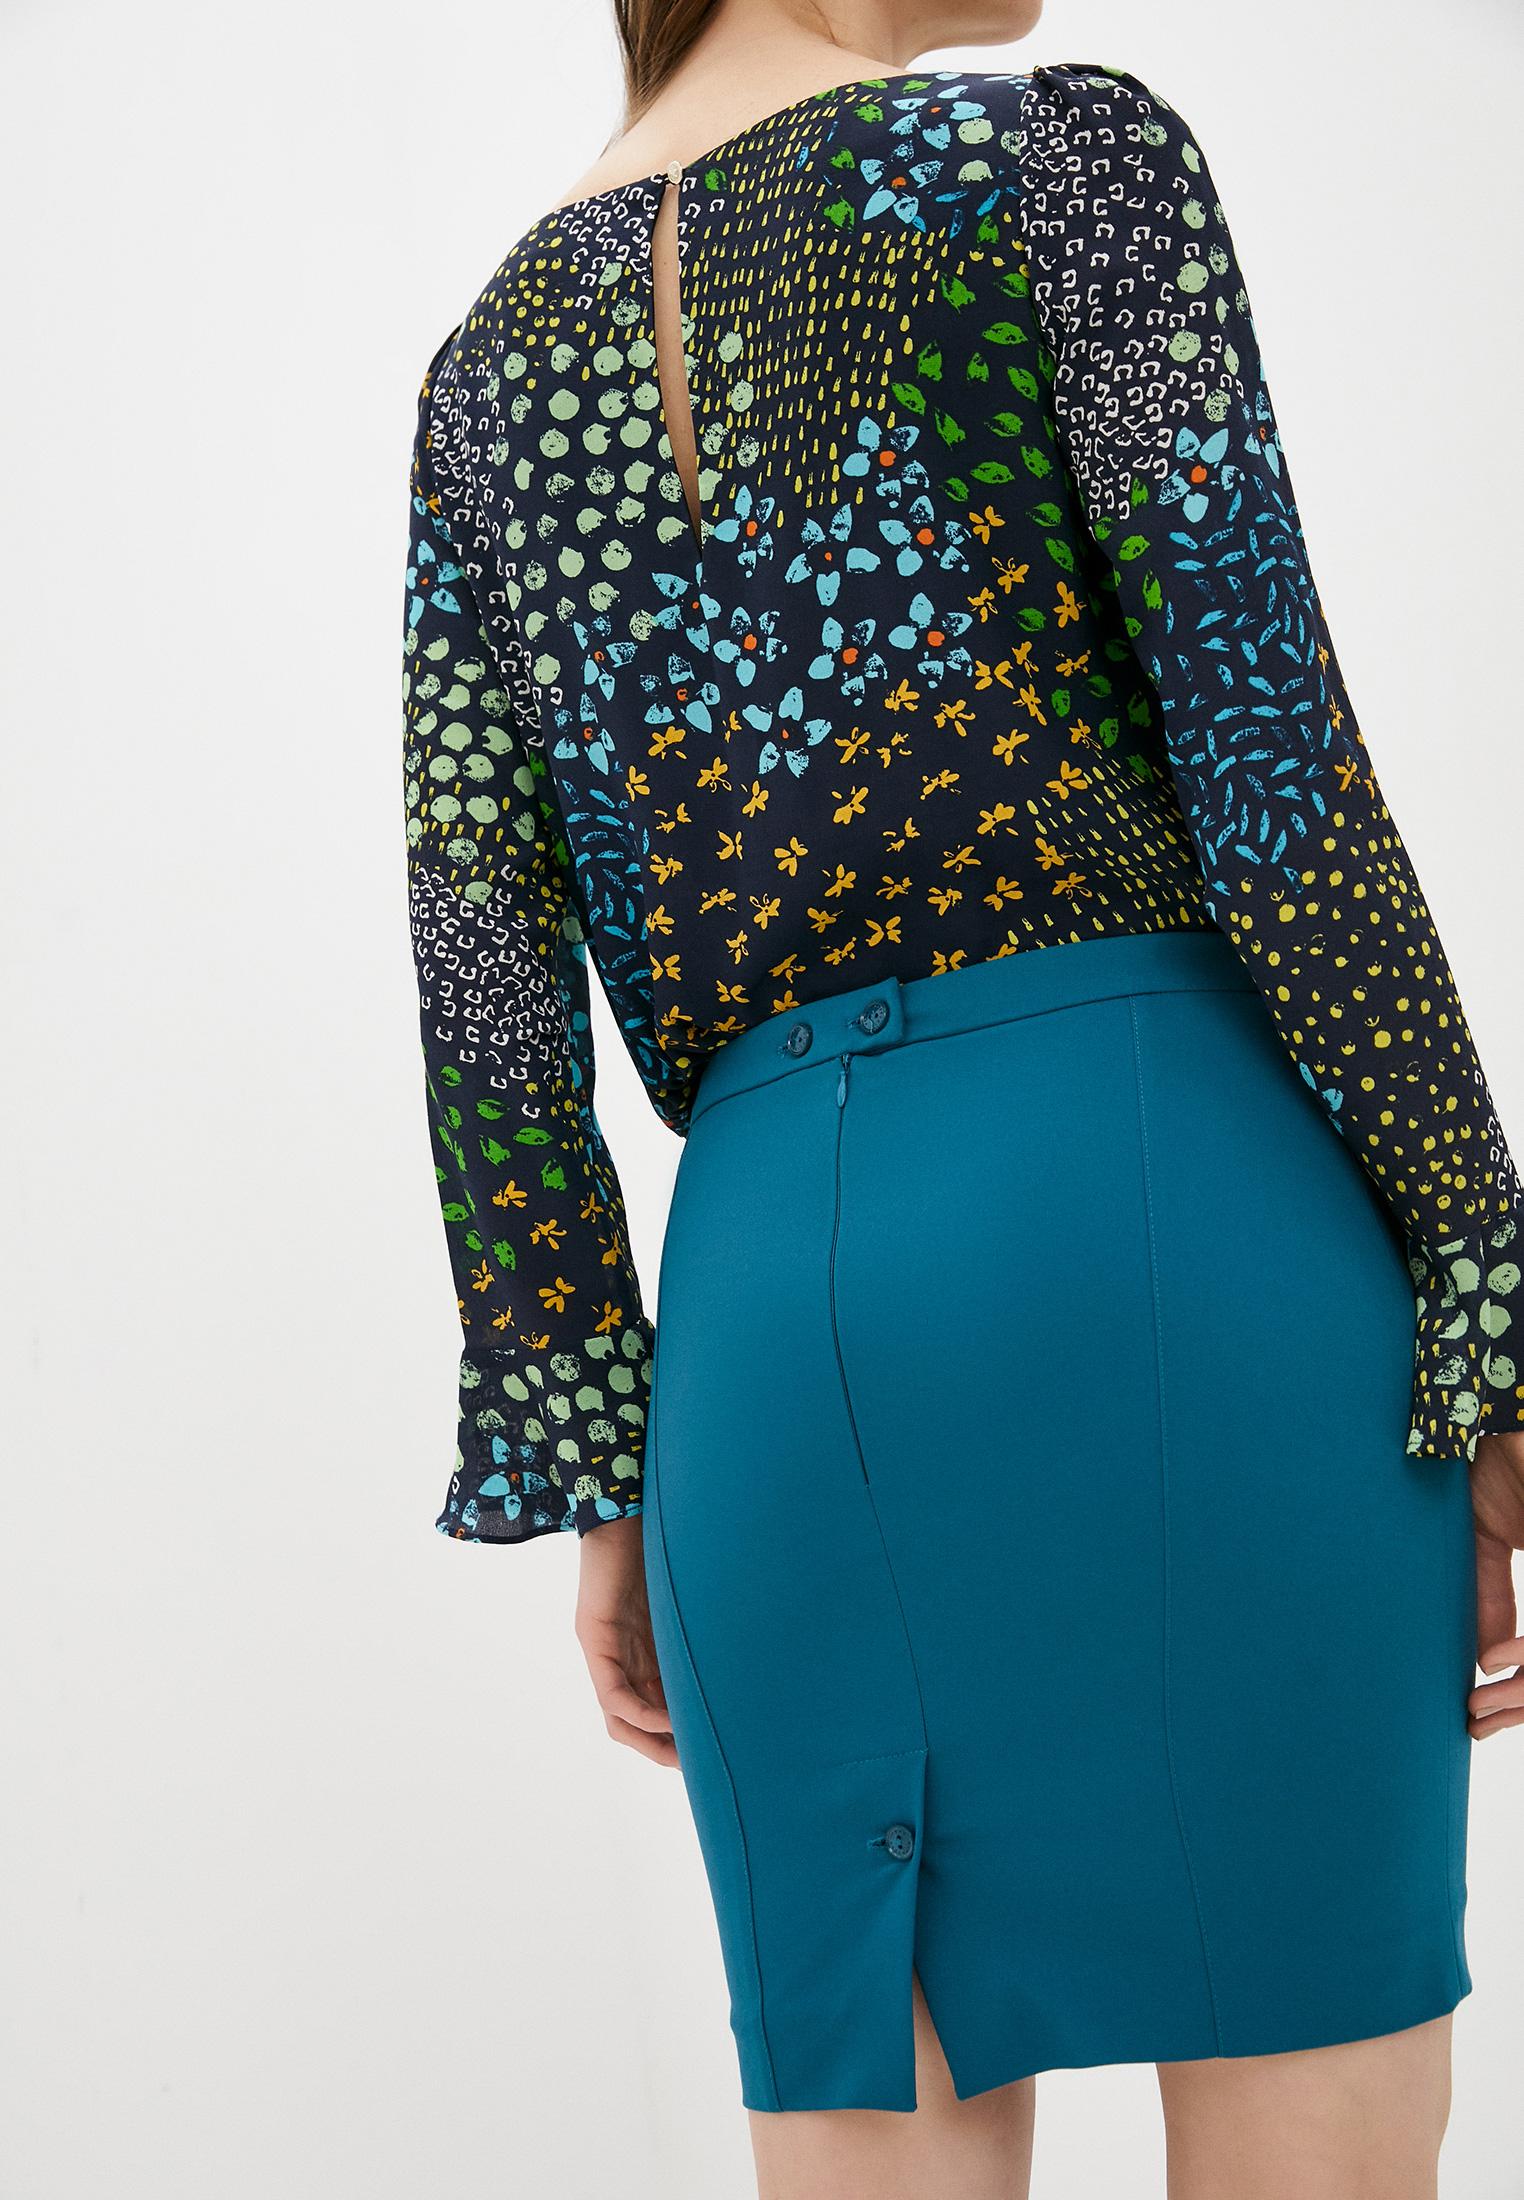 Узкая юбка Patrizia Pepe (Патриция Пепе) DG0260 A43 C615: изображение 4